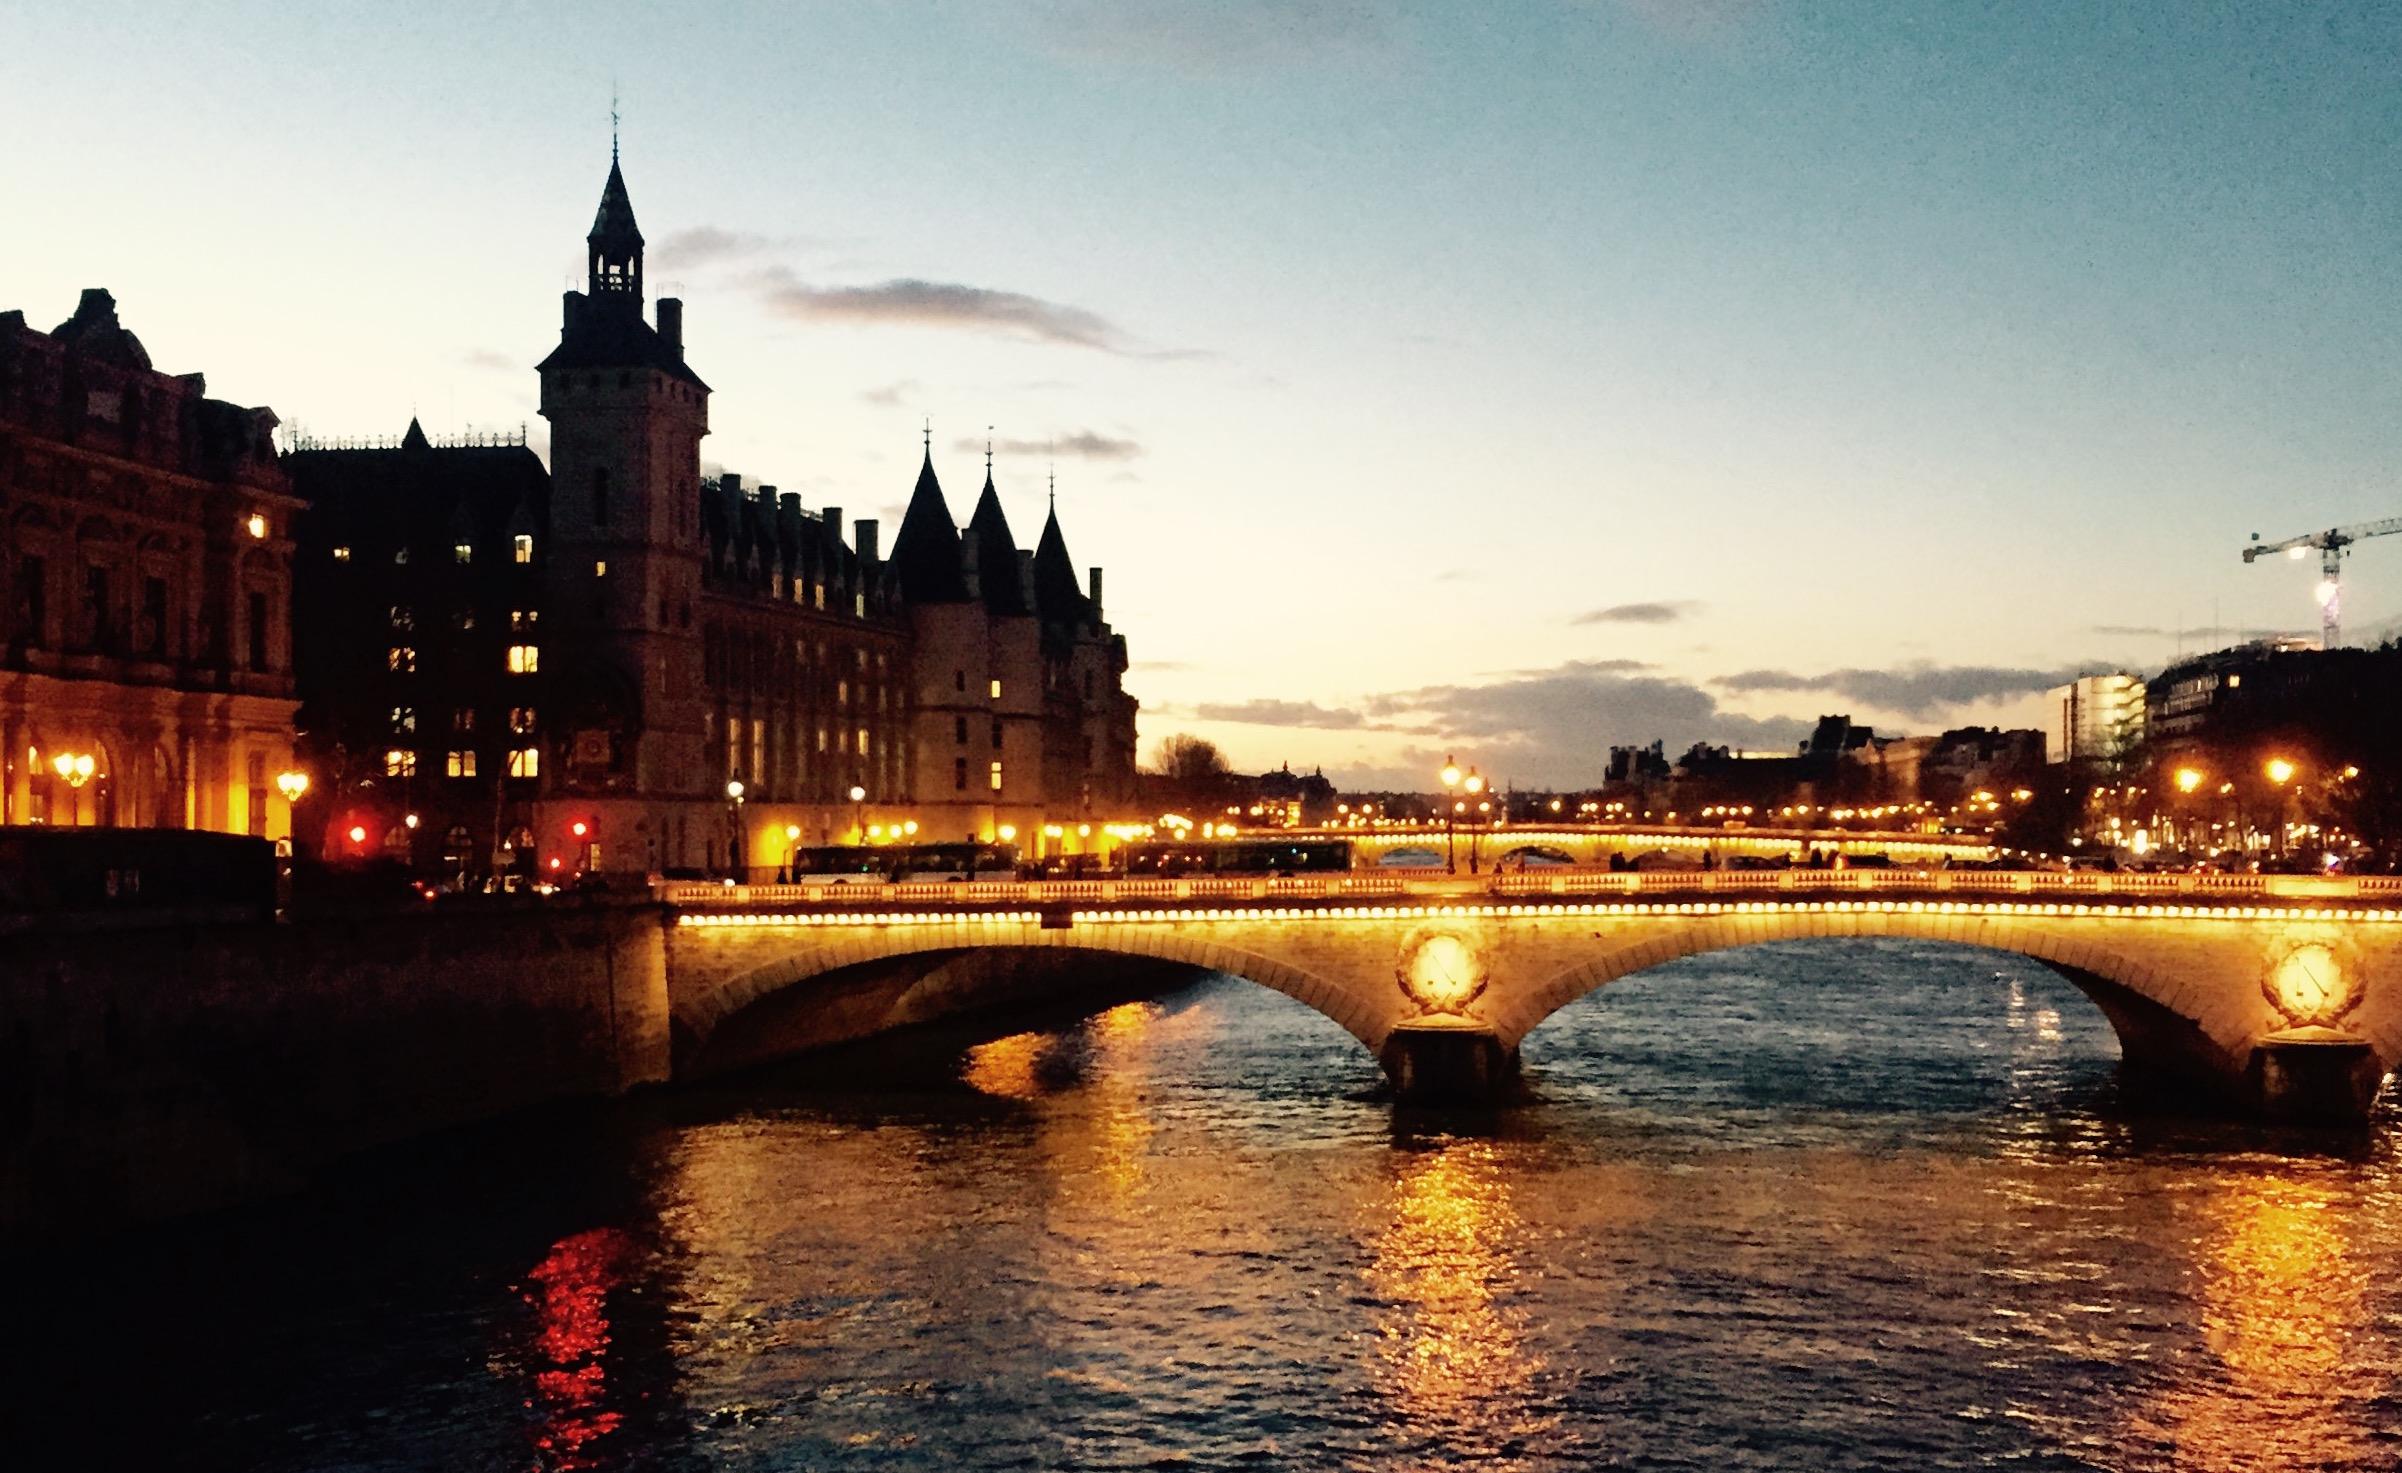 Paris Bridge at Night